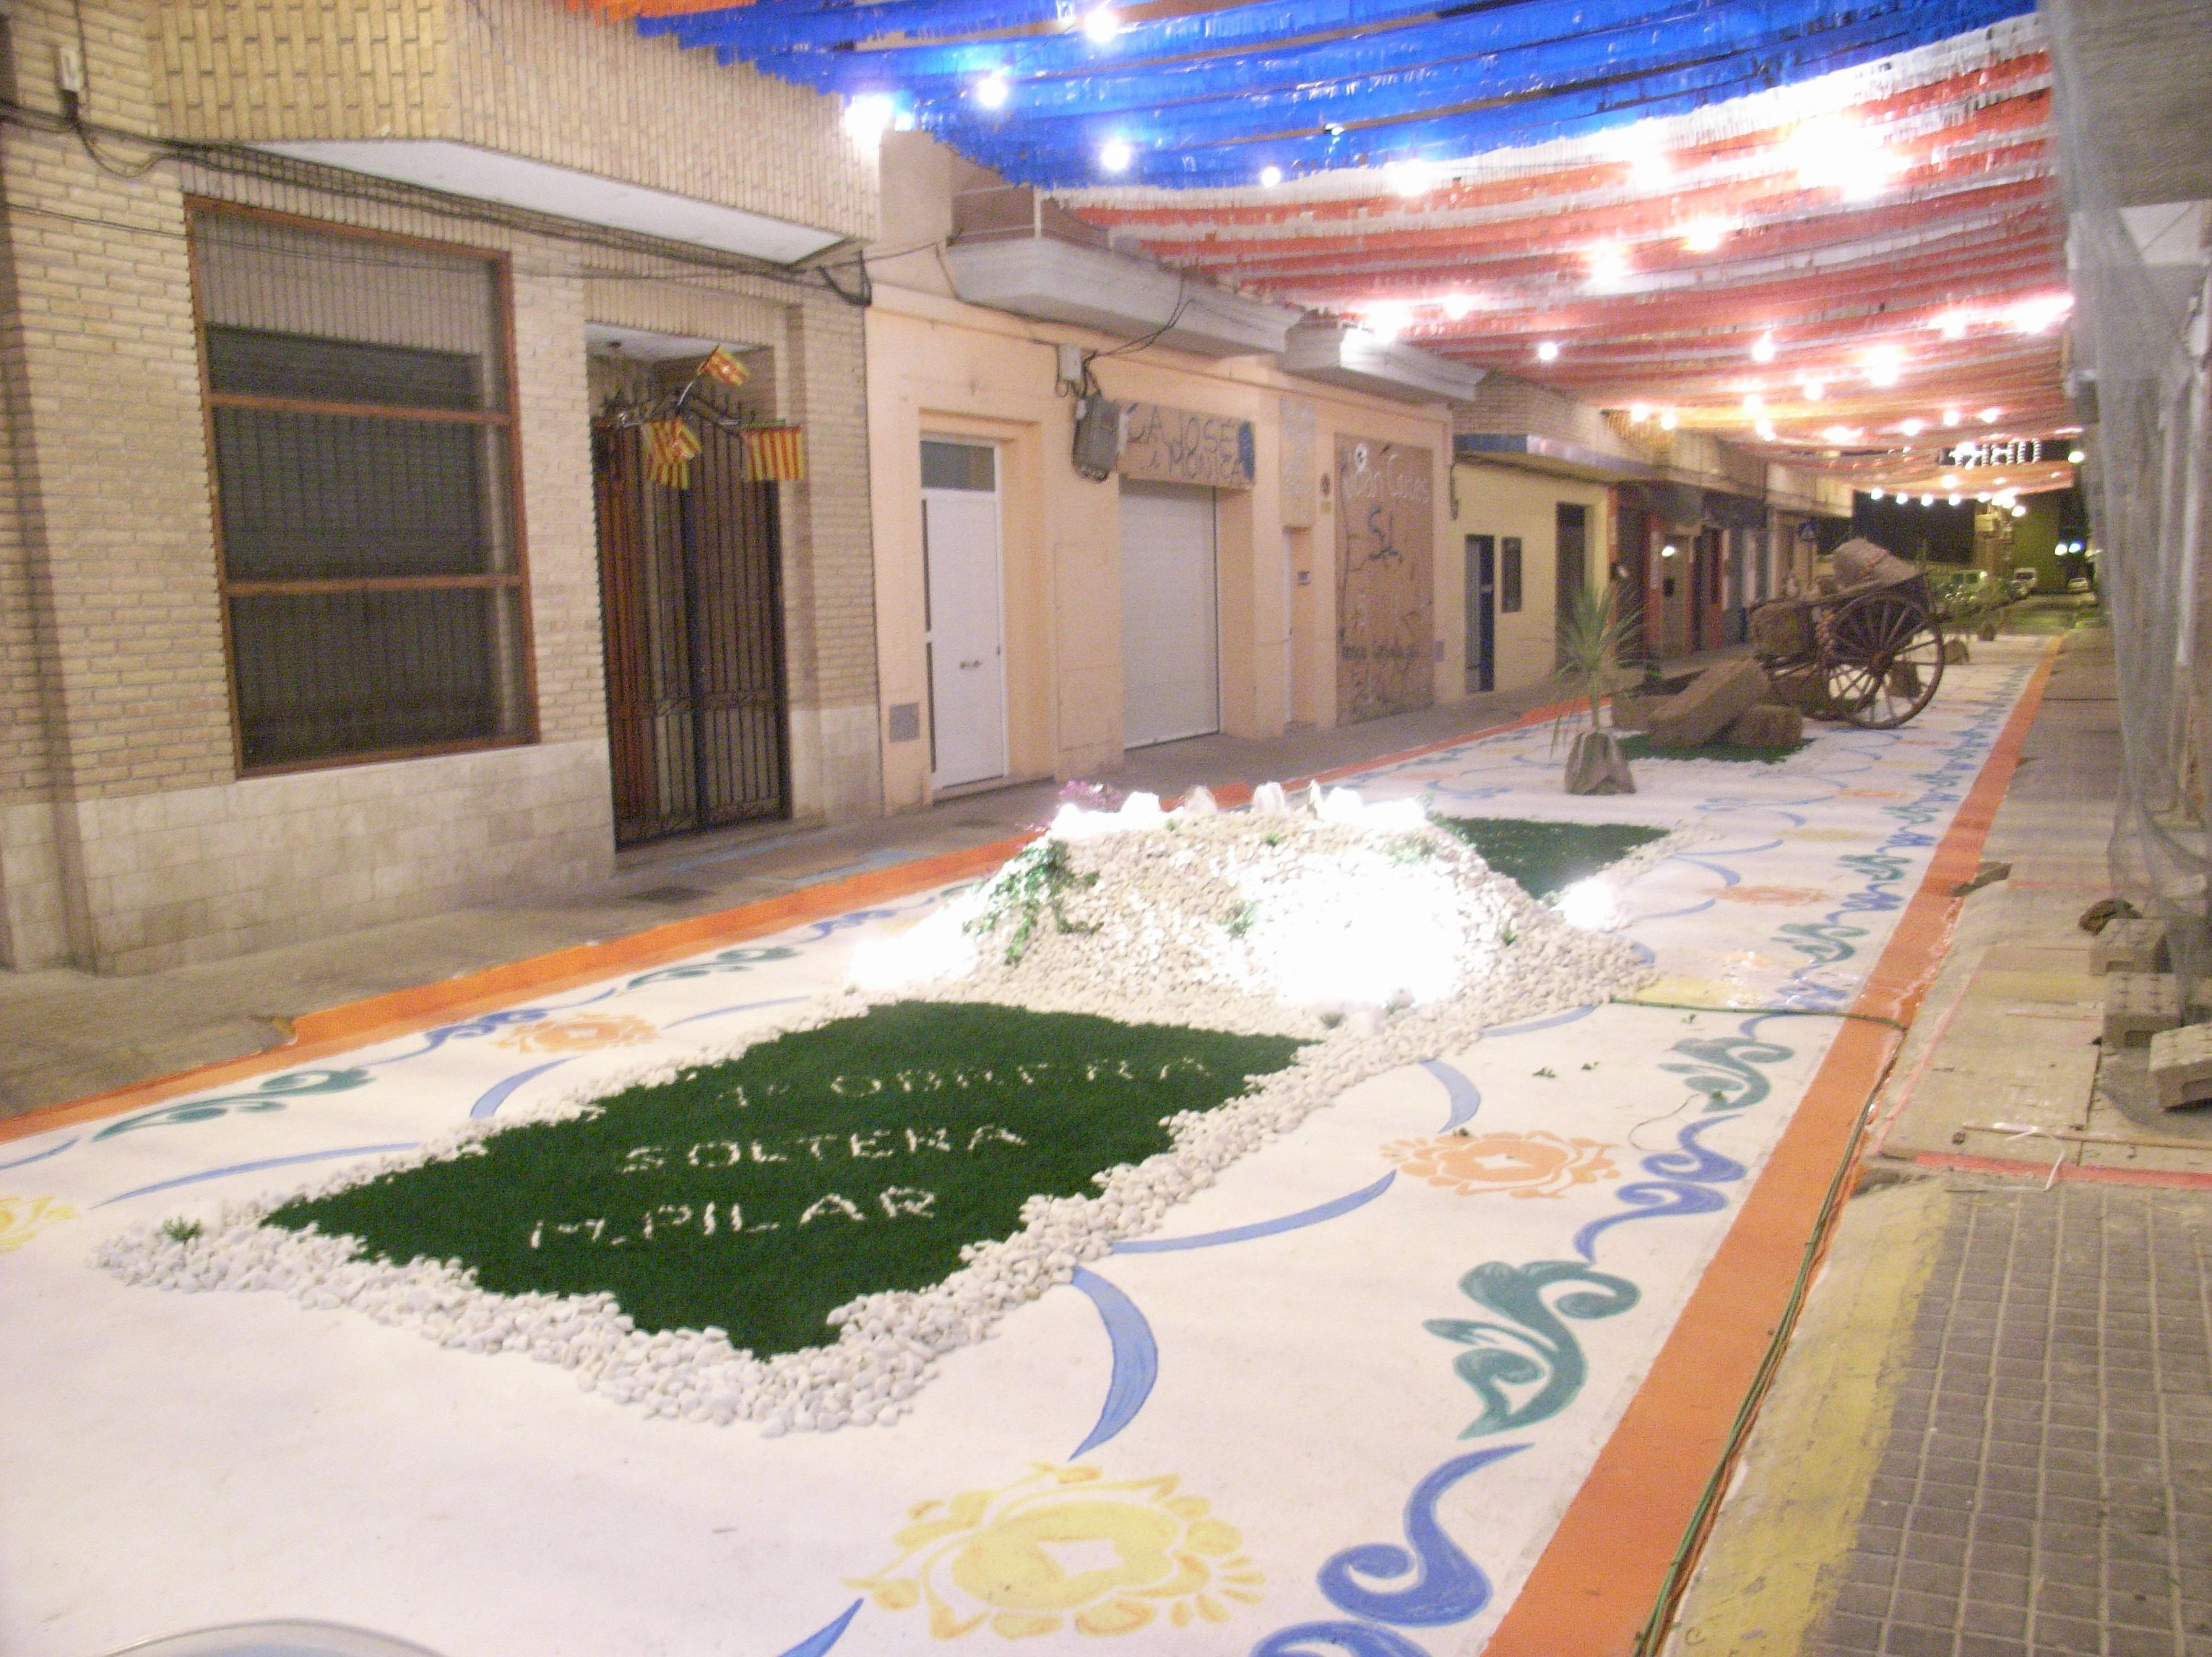 Fiestas Bétera calle adornada por Ches Pa